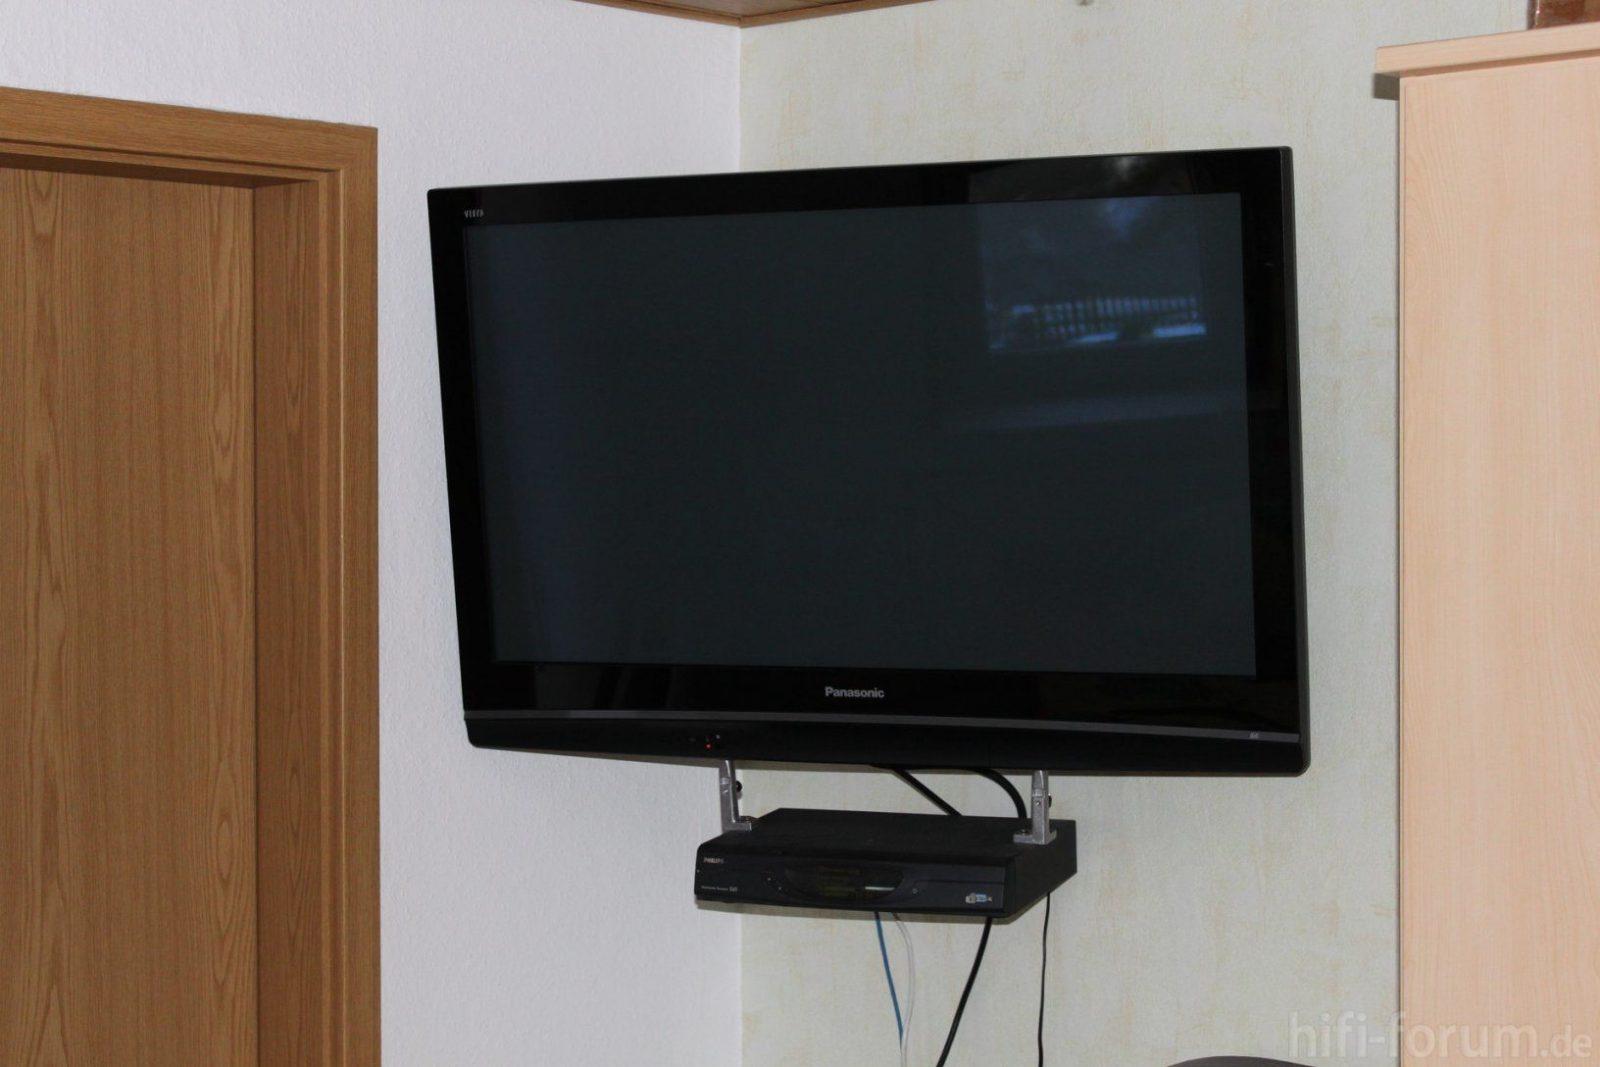 Fabelhafte Fernseher An Der Wand Kabel Verstecken Tv Wandhalterung von Fernseher Wandmontage Kabel Verstecken Photo